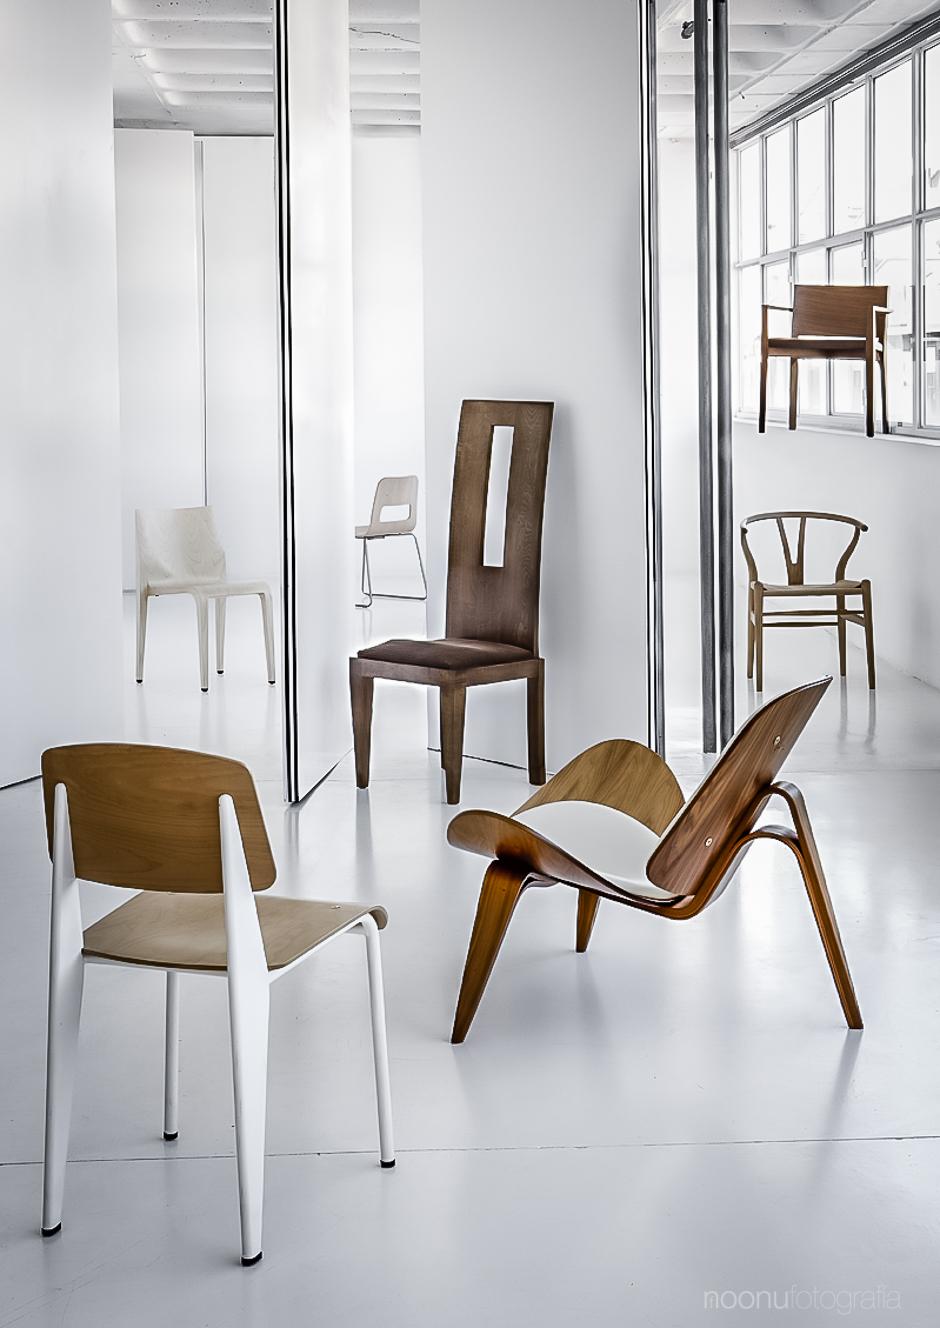 Noonu-fotografo-de-espacios-interiores-madrid-sillas 2